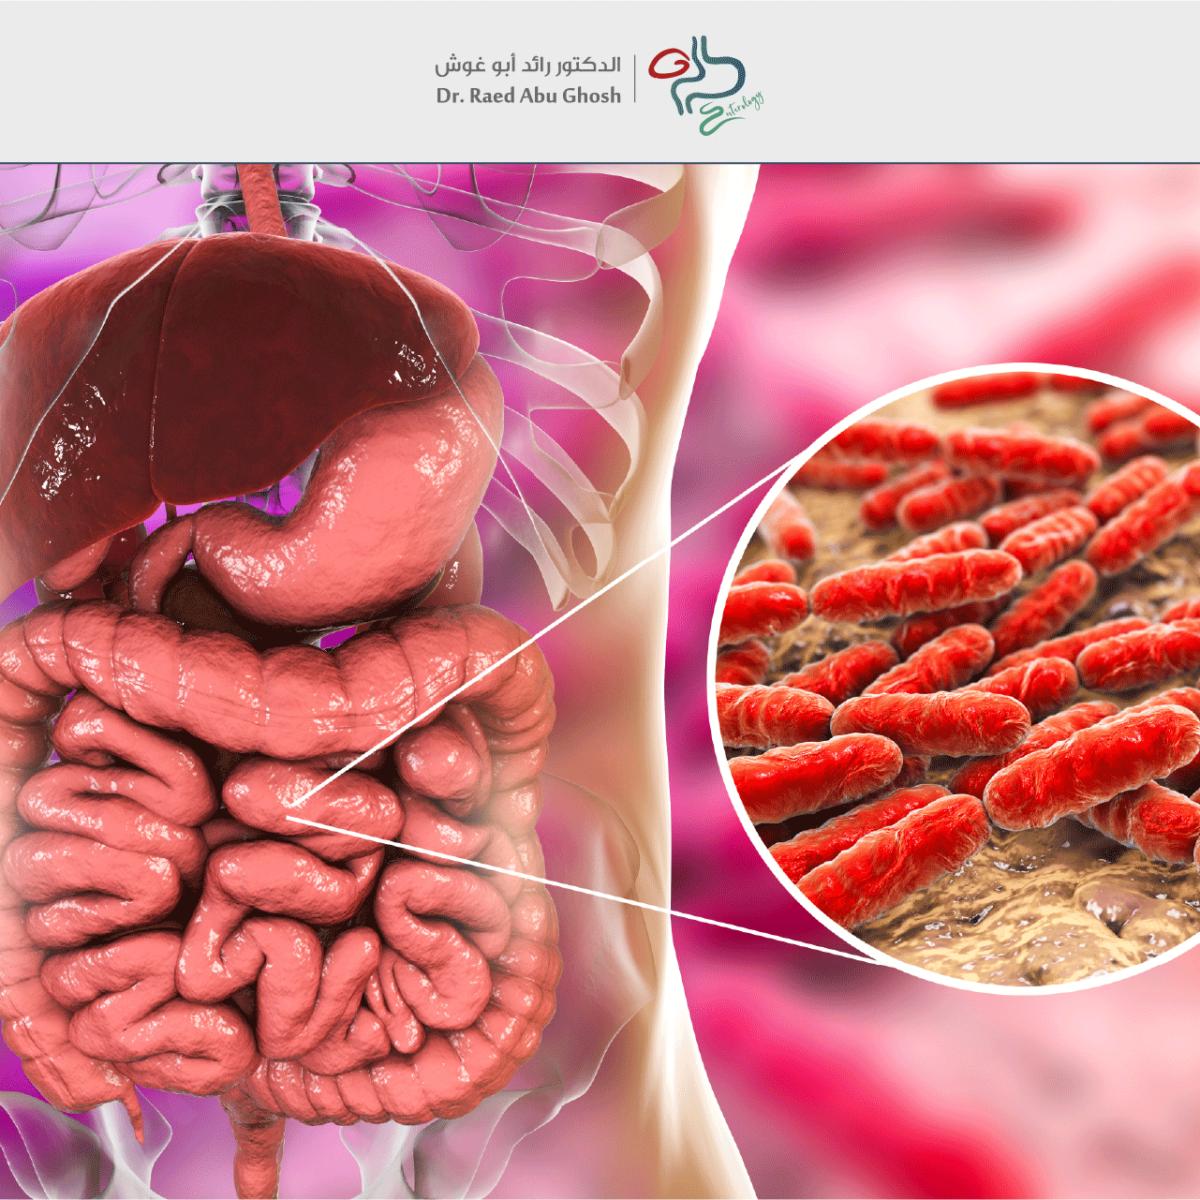 -رائد-بكتيريا-الأمعاء-النافعة-1200x1200.png